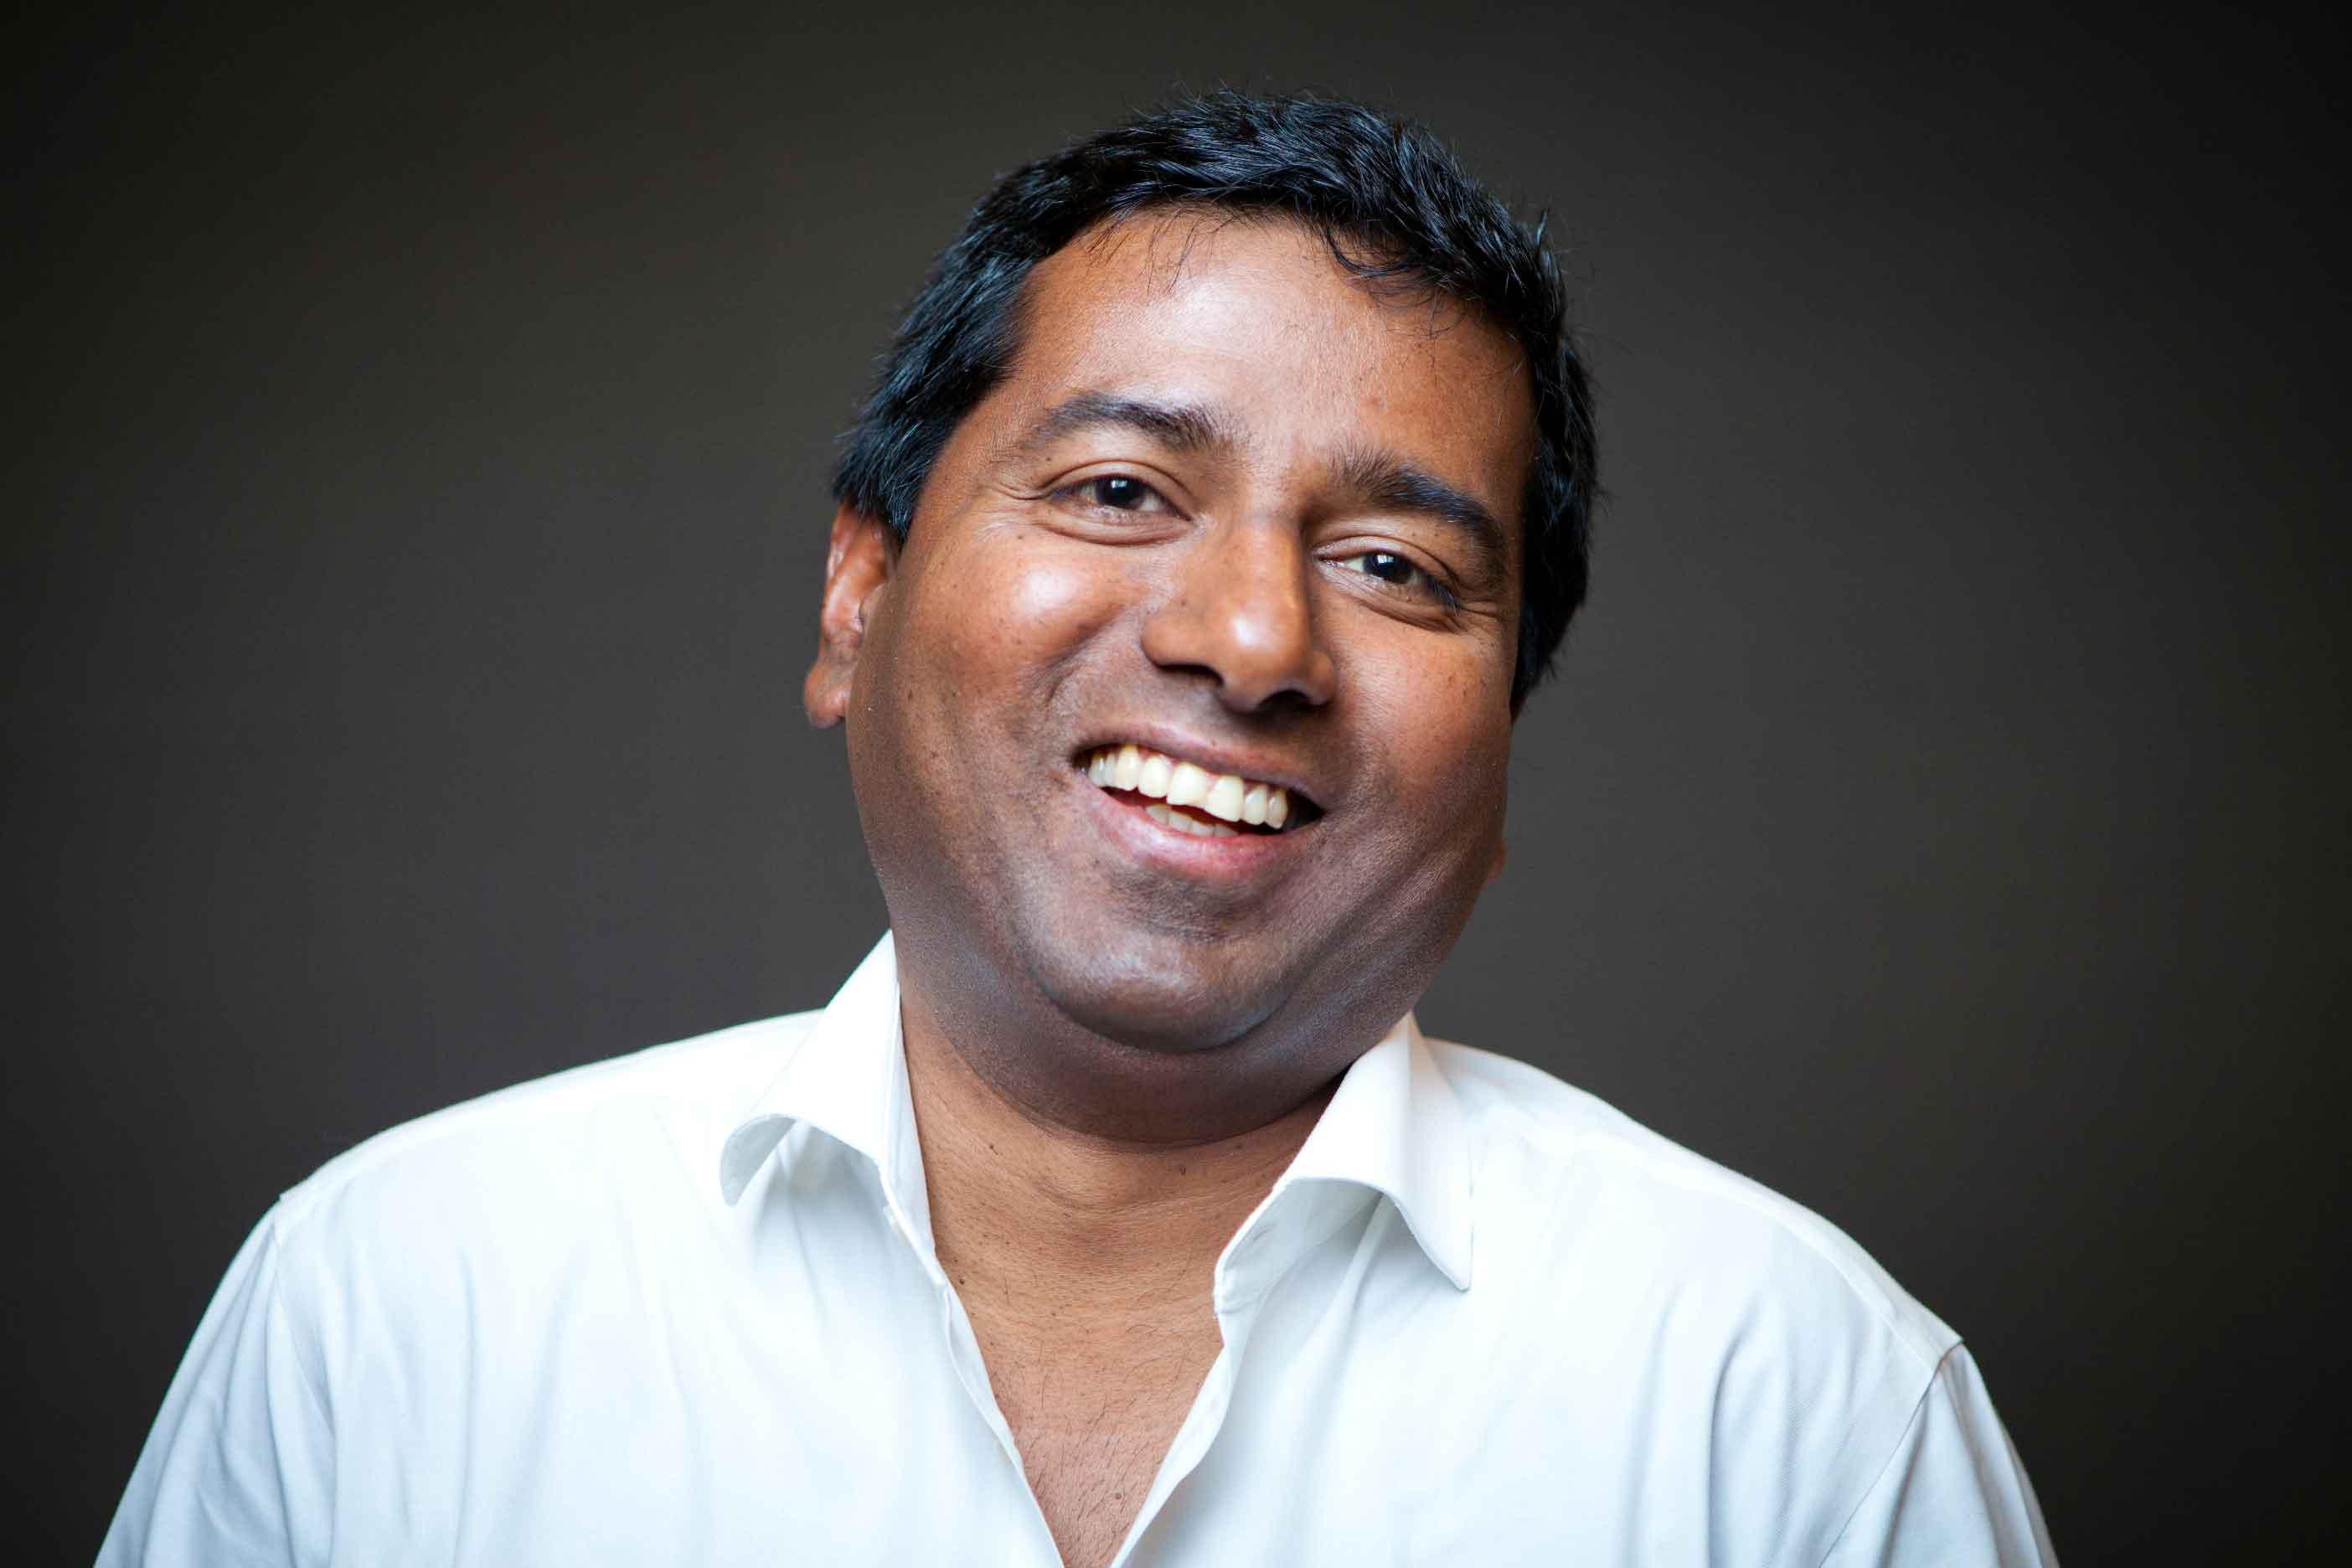 Mr.-Rahul-Narvekar,-CEO,-www.indianroots.com